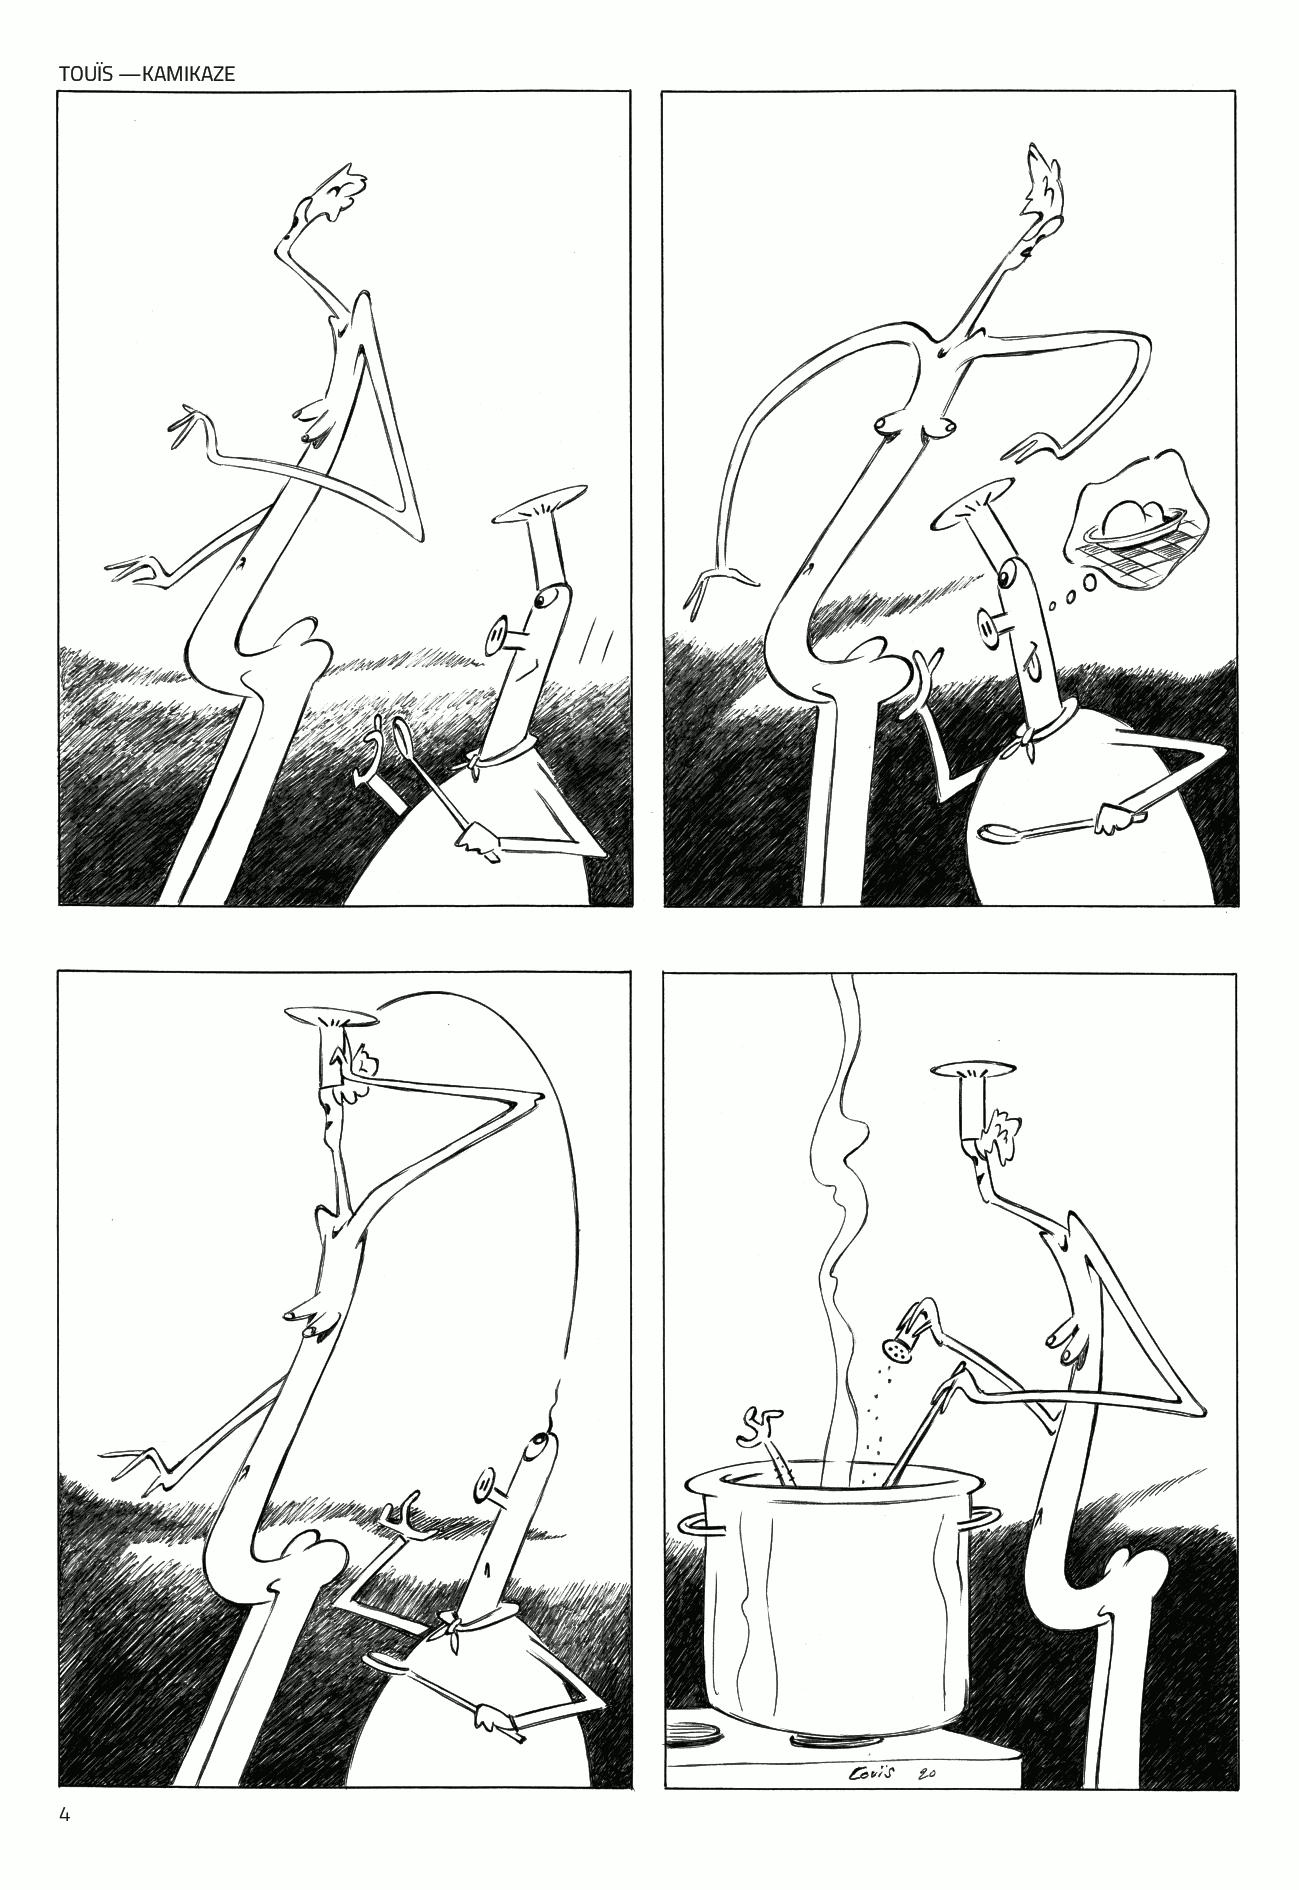 Touïs – Kamikaze